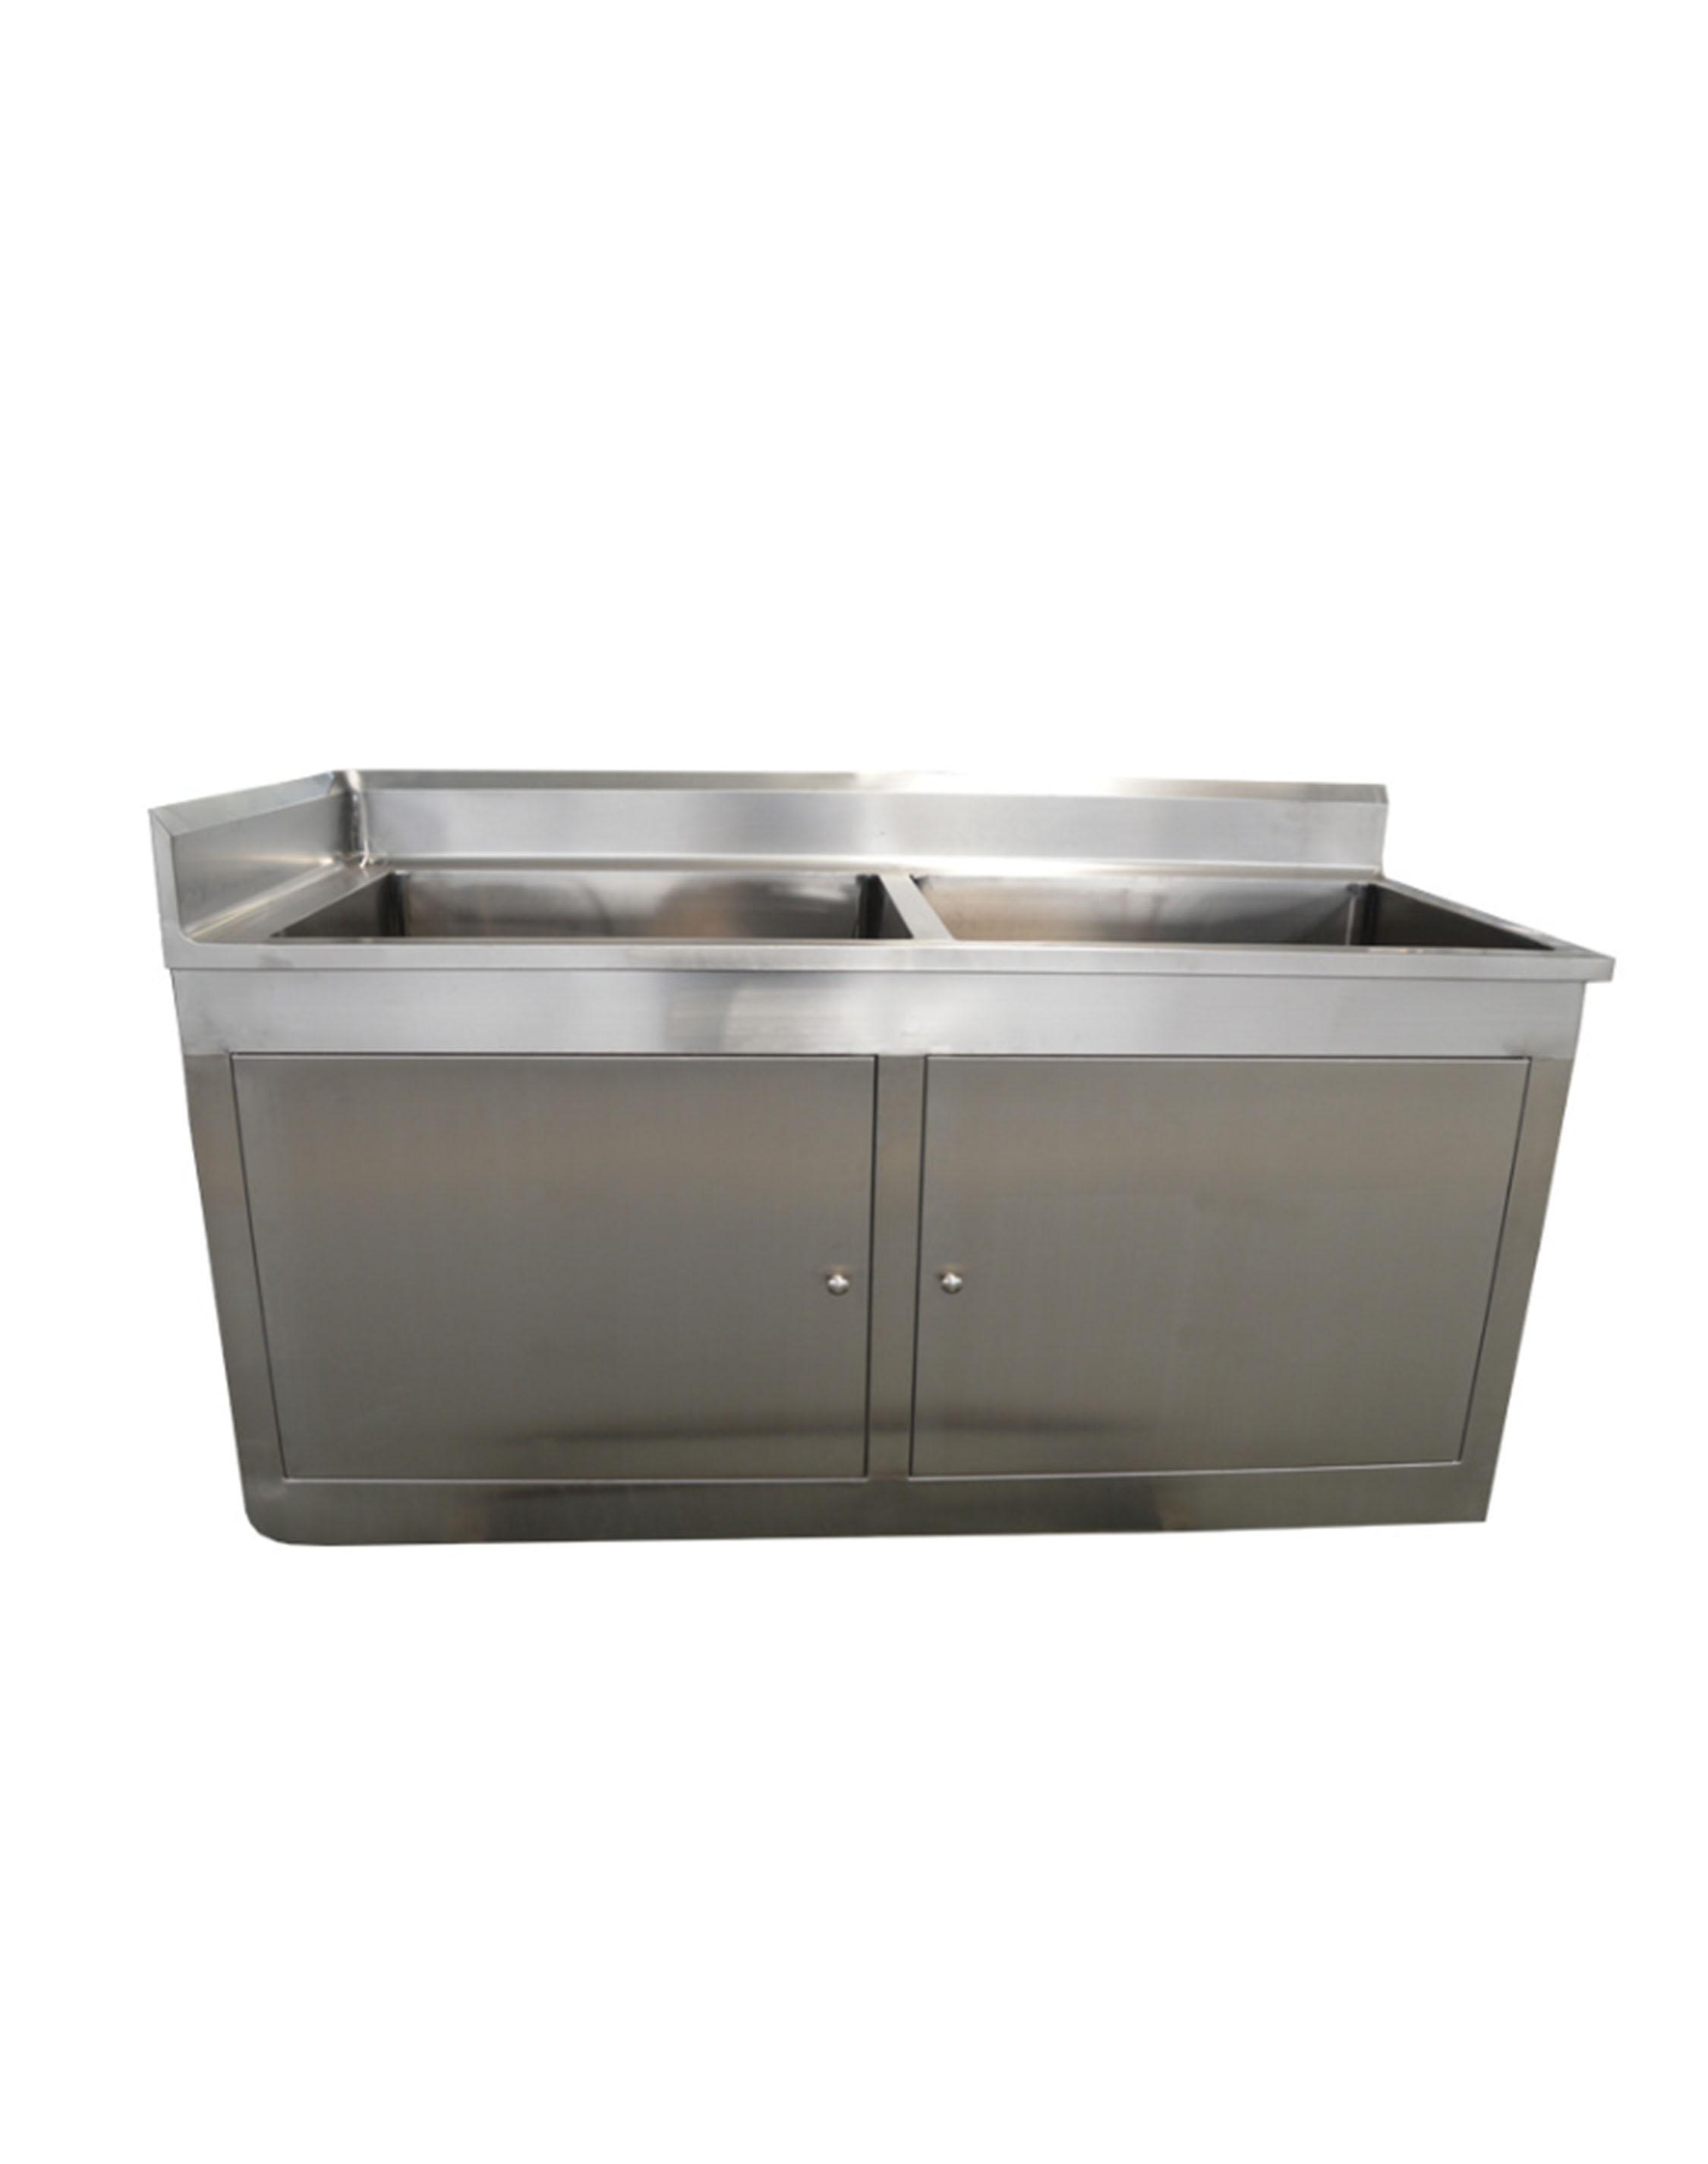 医用女人对男人心灰意冷的图片钢洗手台洗手池定做